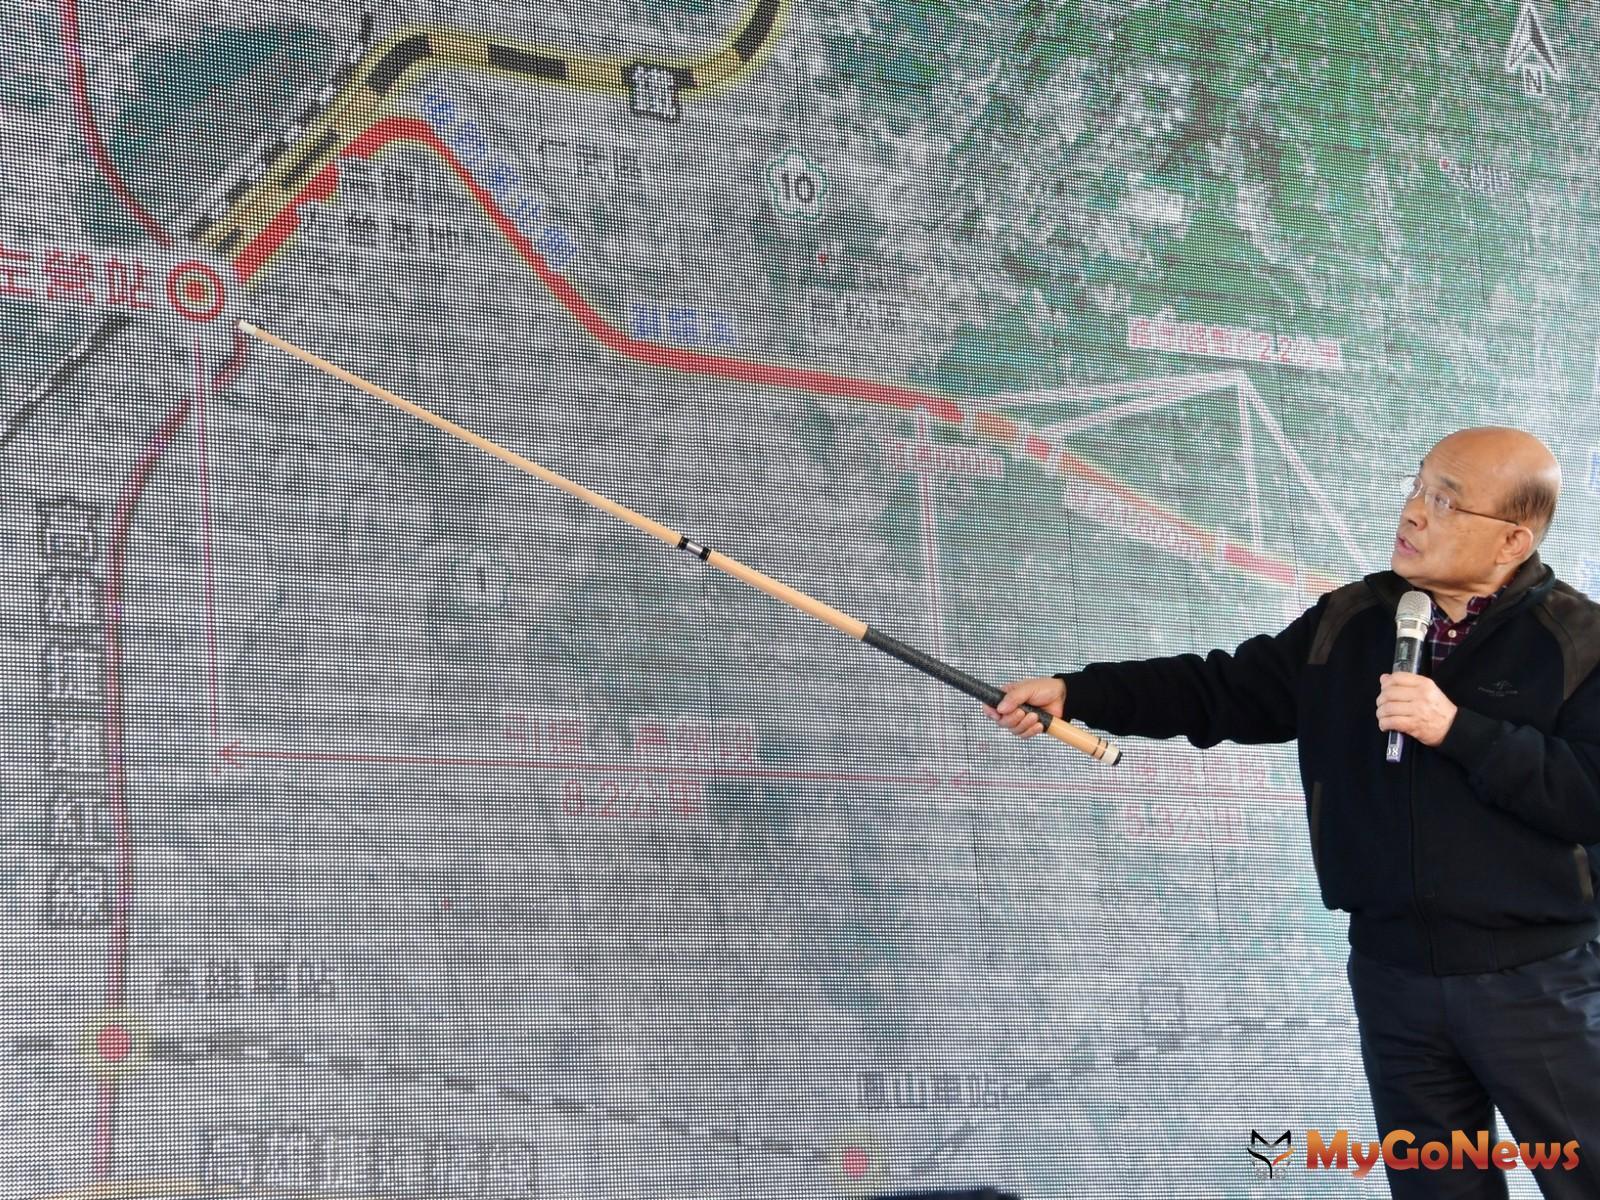 蘇揆:高鐵南延屏東並設置科學園區 全島串連讓台灣大發展(圖/行政院) MyGoNews房地產新聞 市場快訊